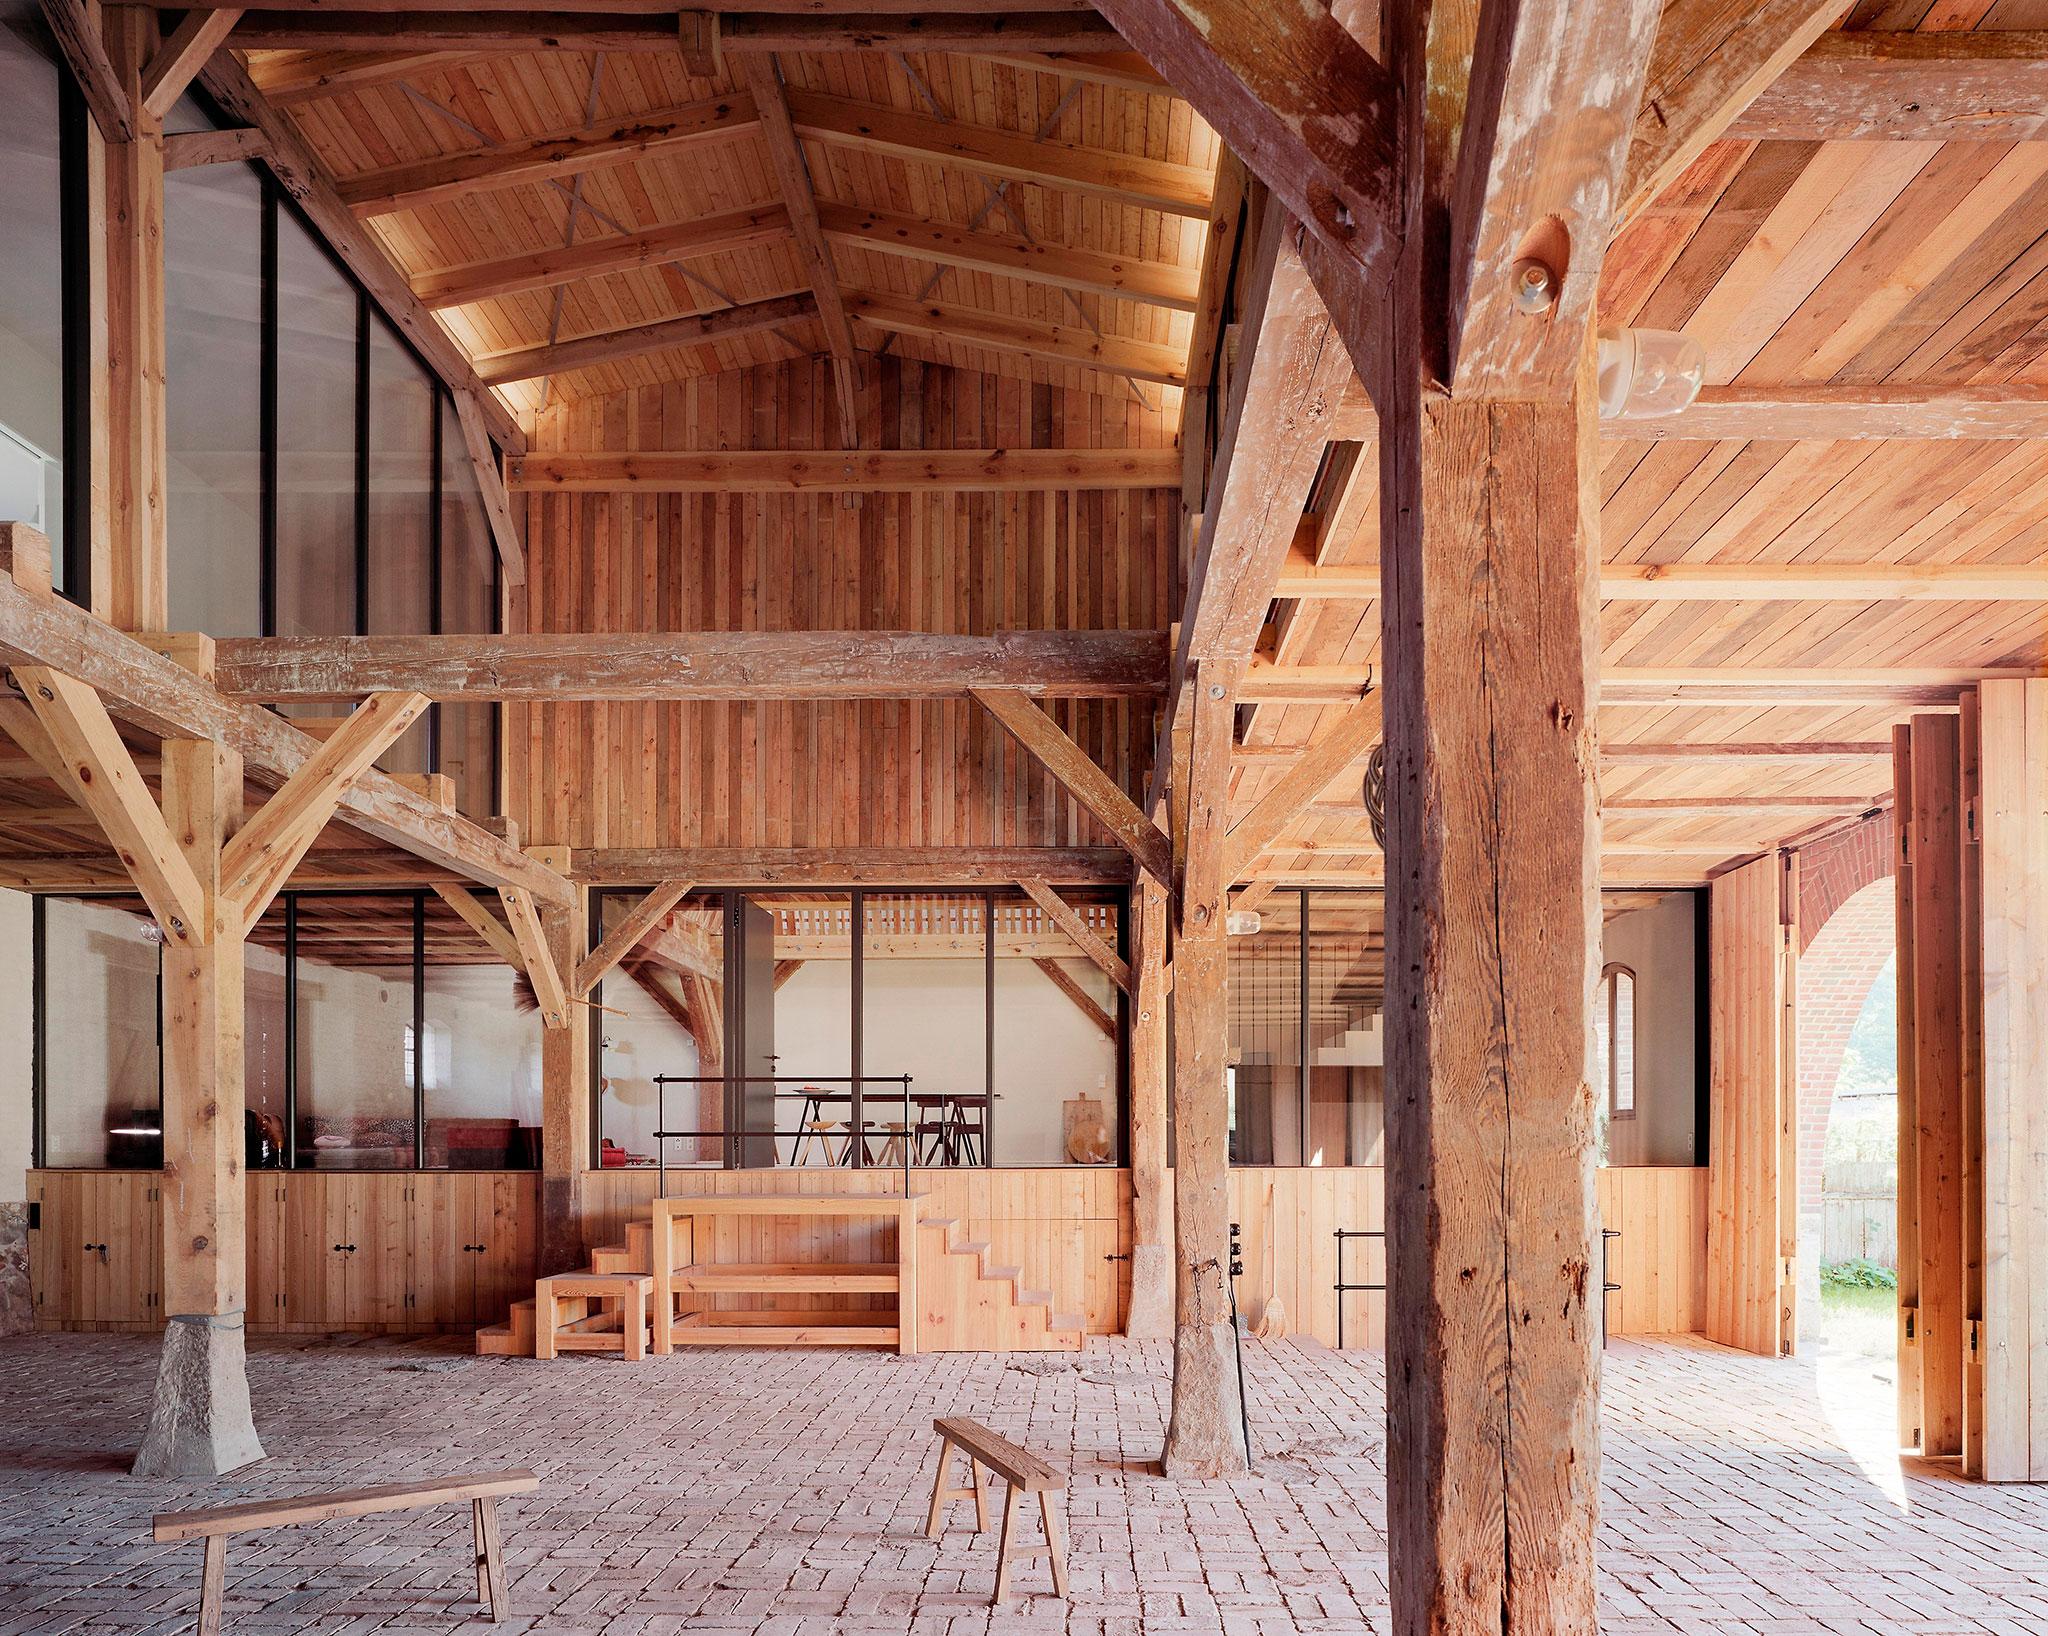 Vista de la sala central. Transformación de un granero en casa de verano por Thomas Kröger. Fotografía © Thomas Heimann